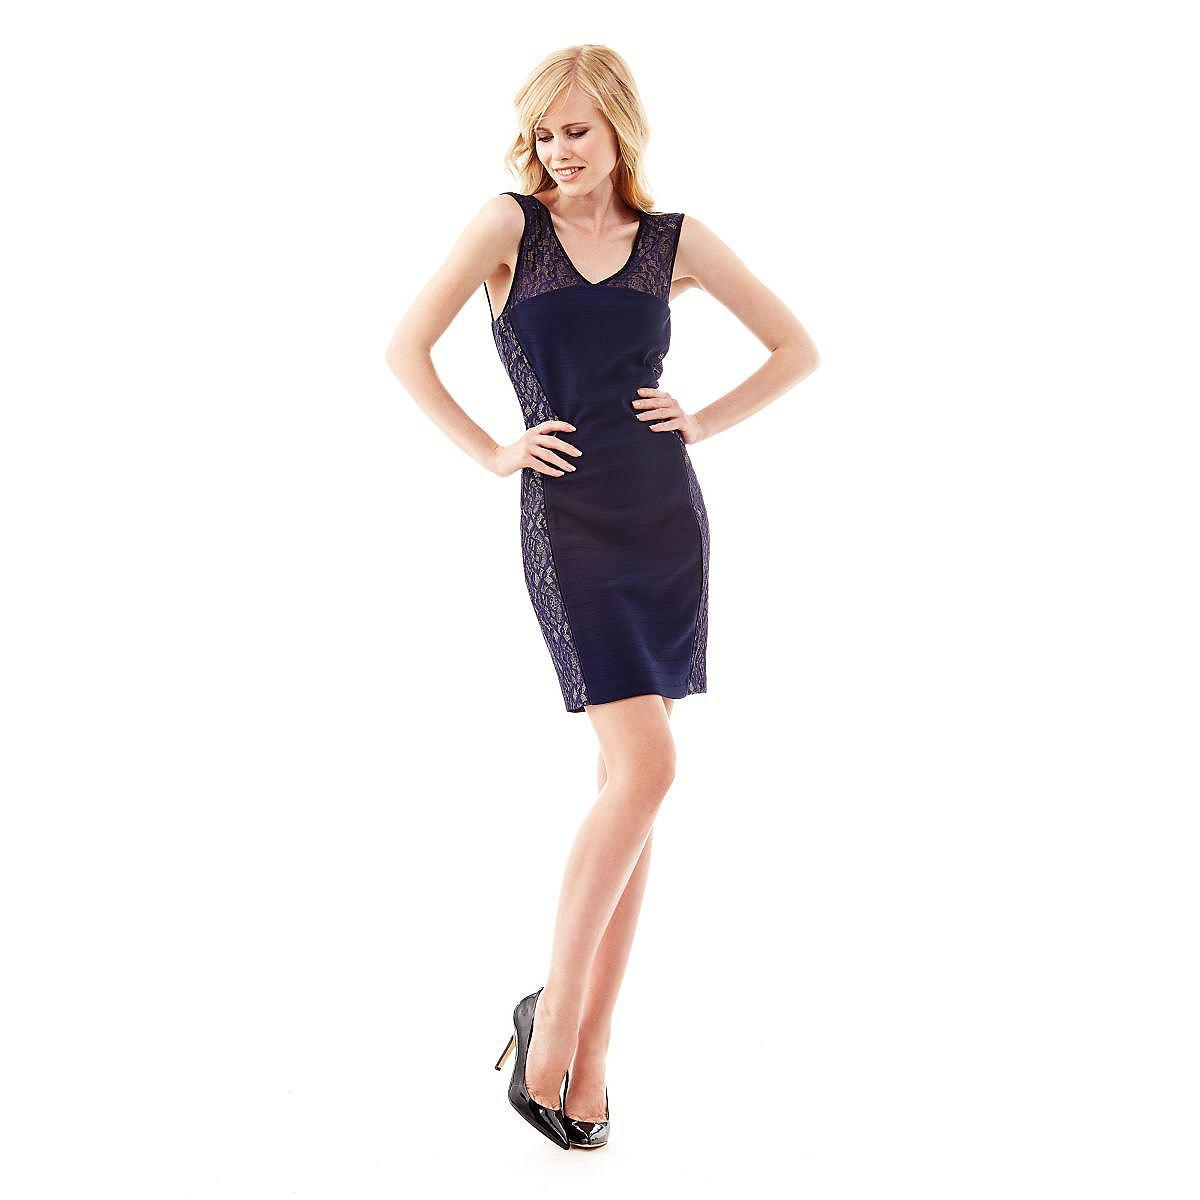 Guess jurk Ruthie lace insert met kanten inzetten blauw